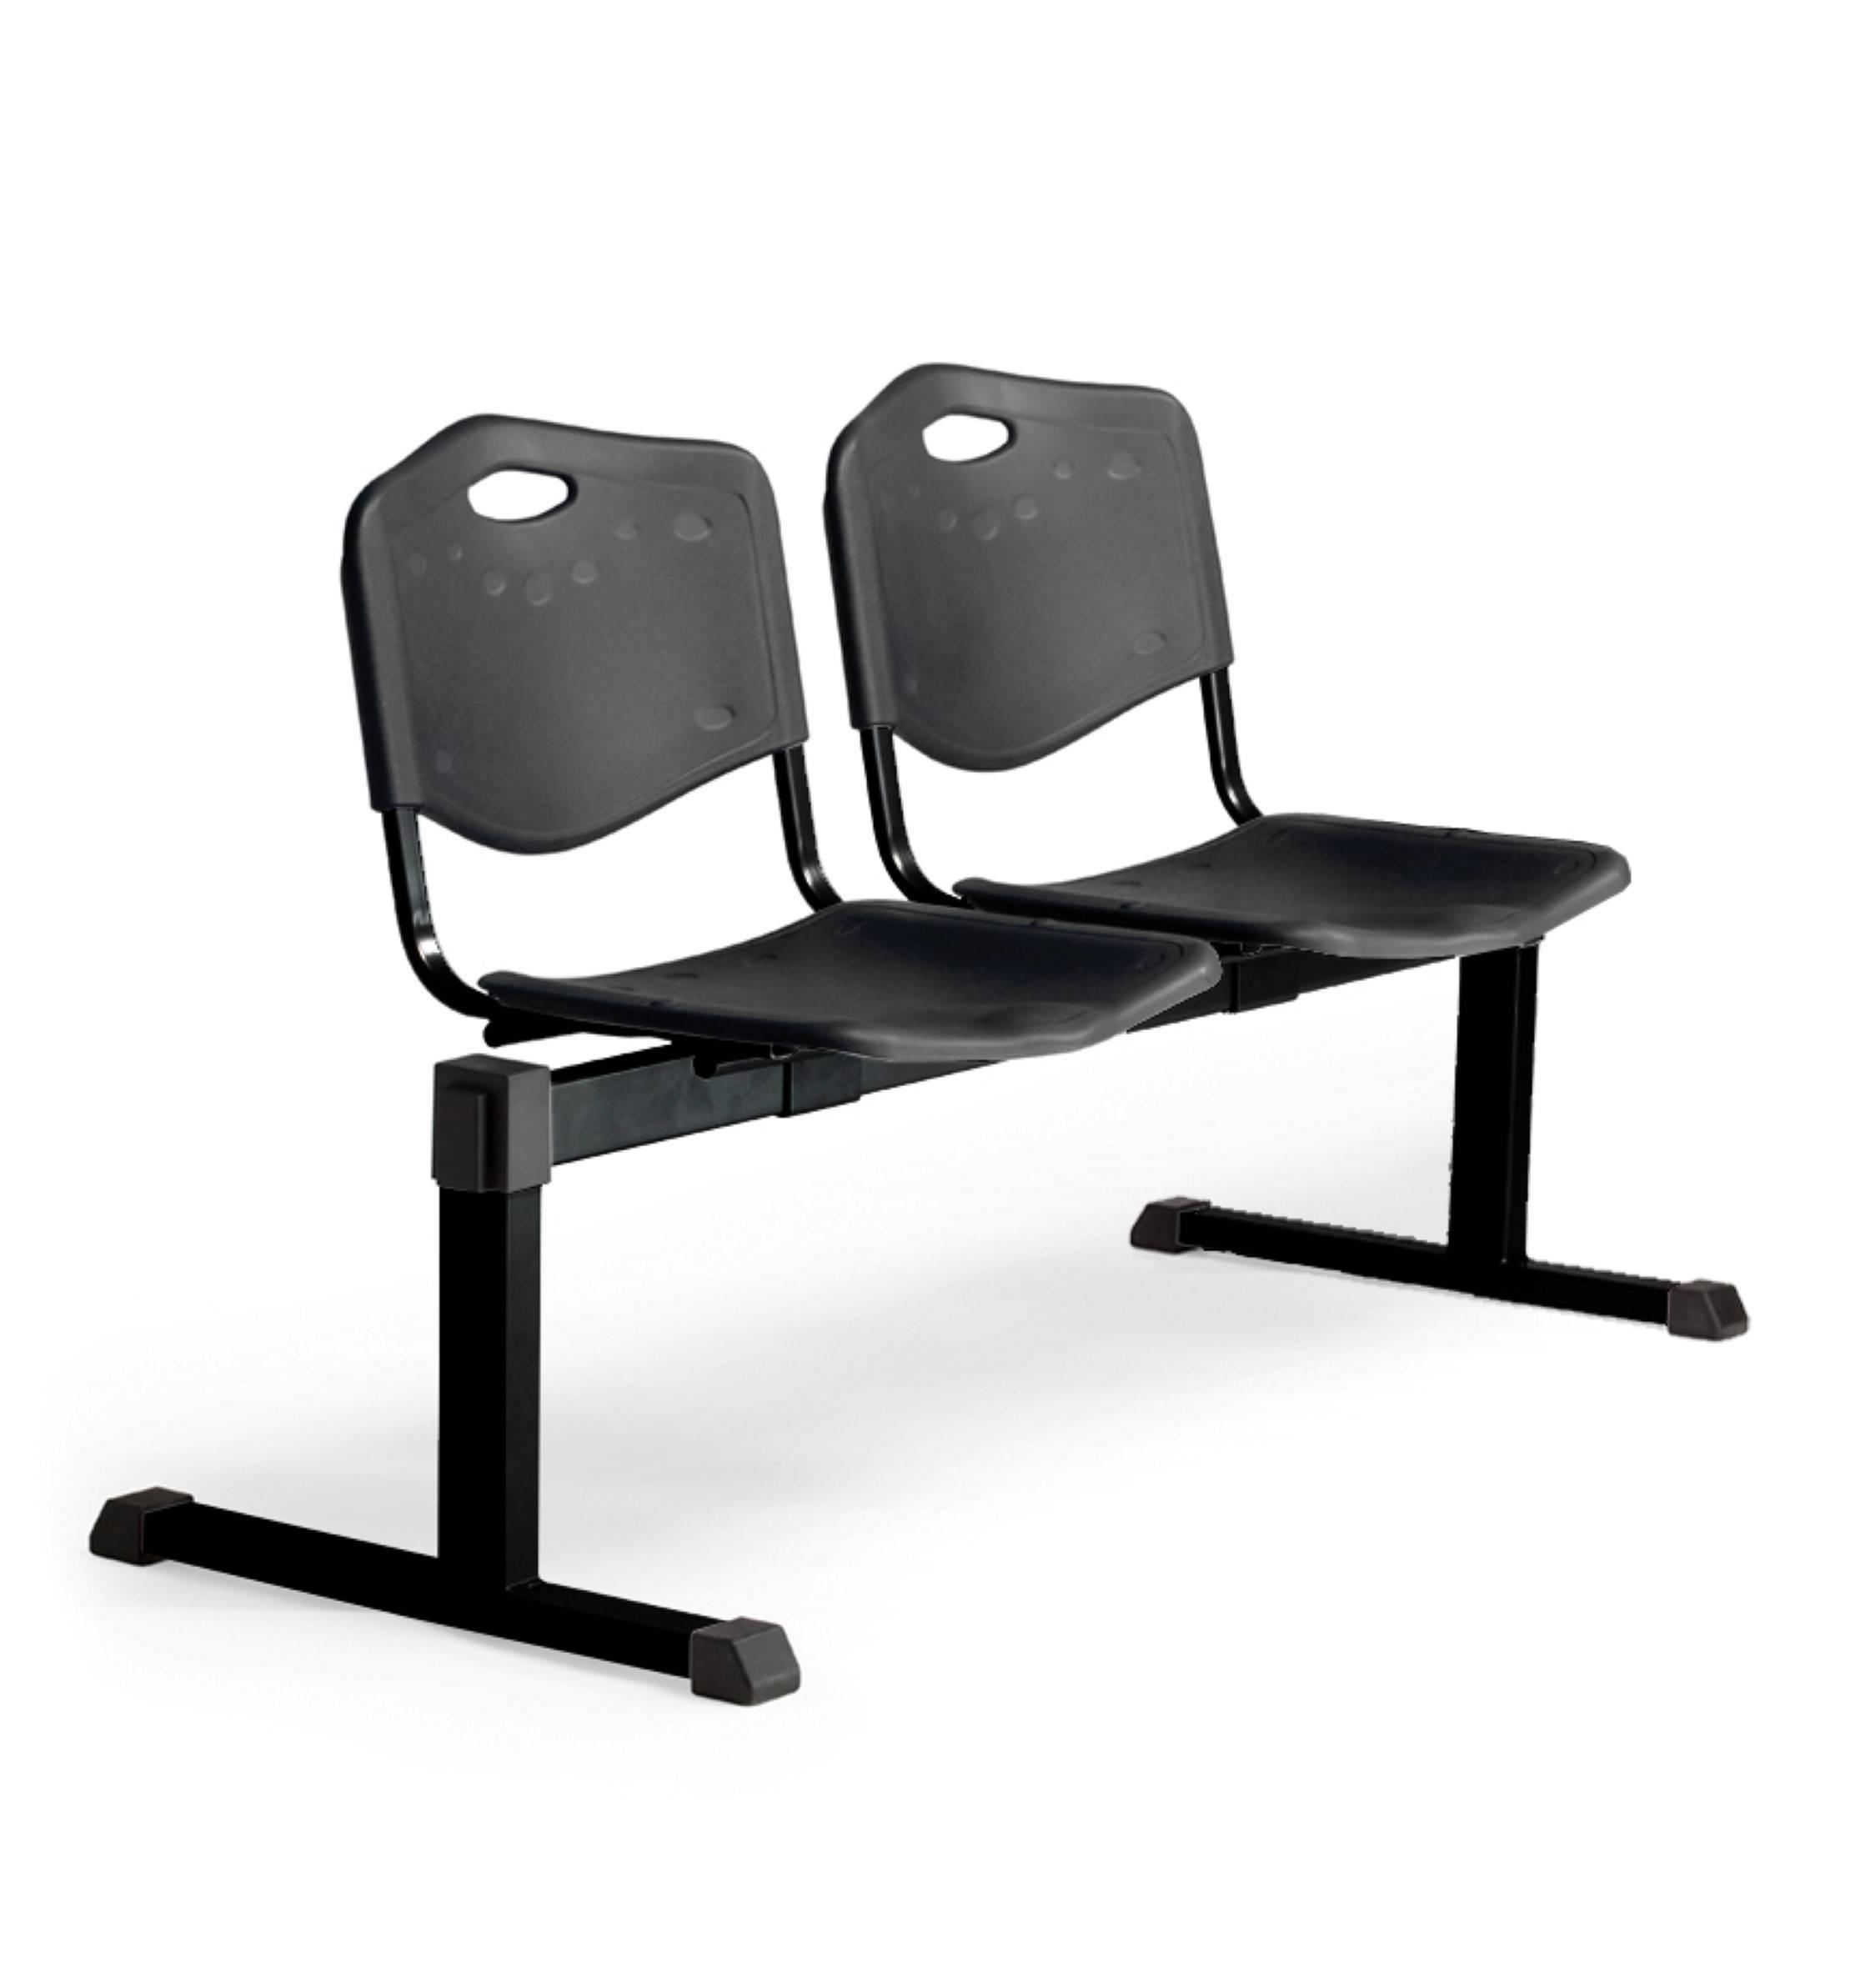 Bancada Cenizate 2 plazas con asiento en plástico inyectado negro